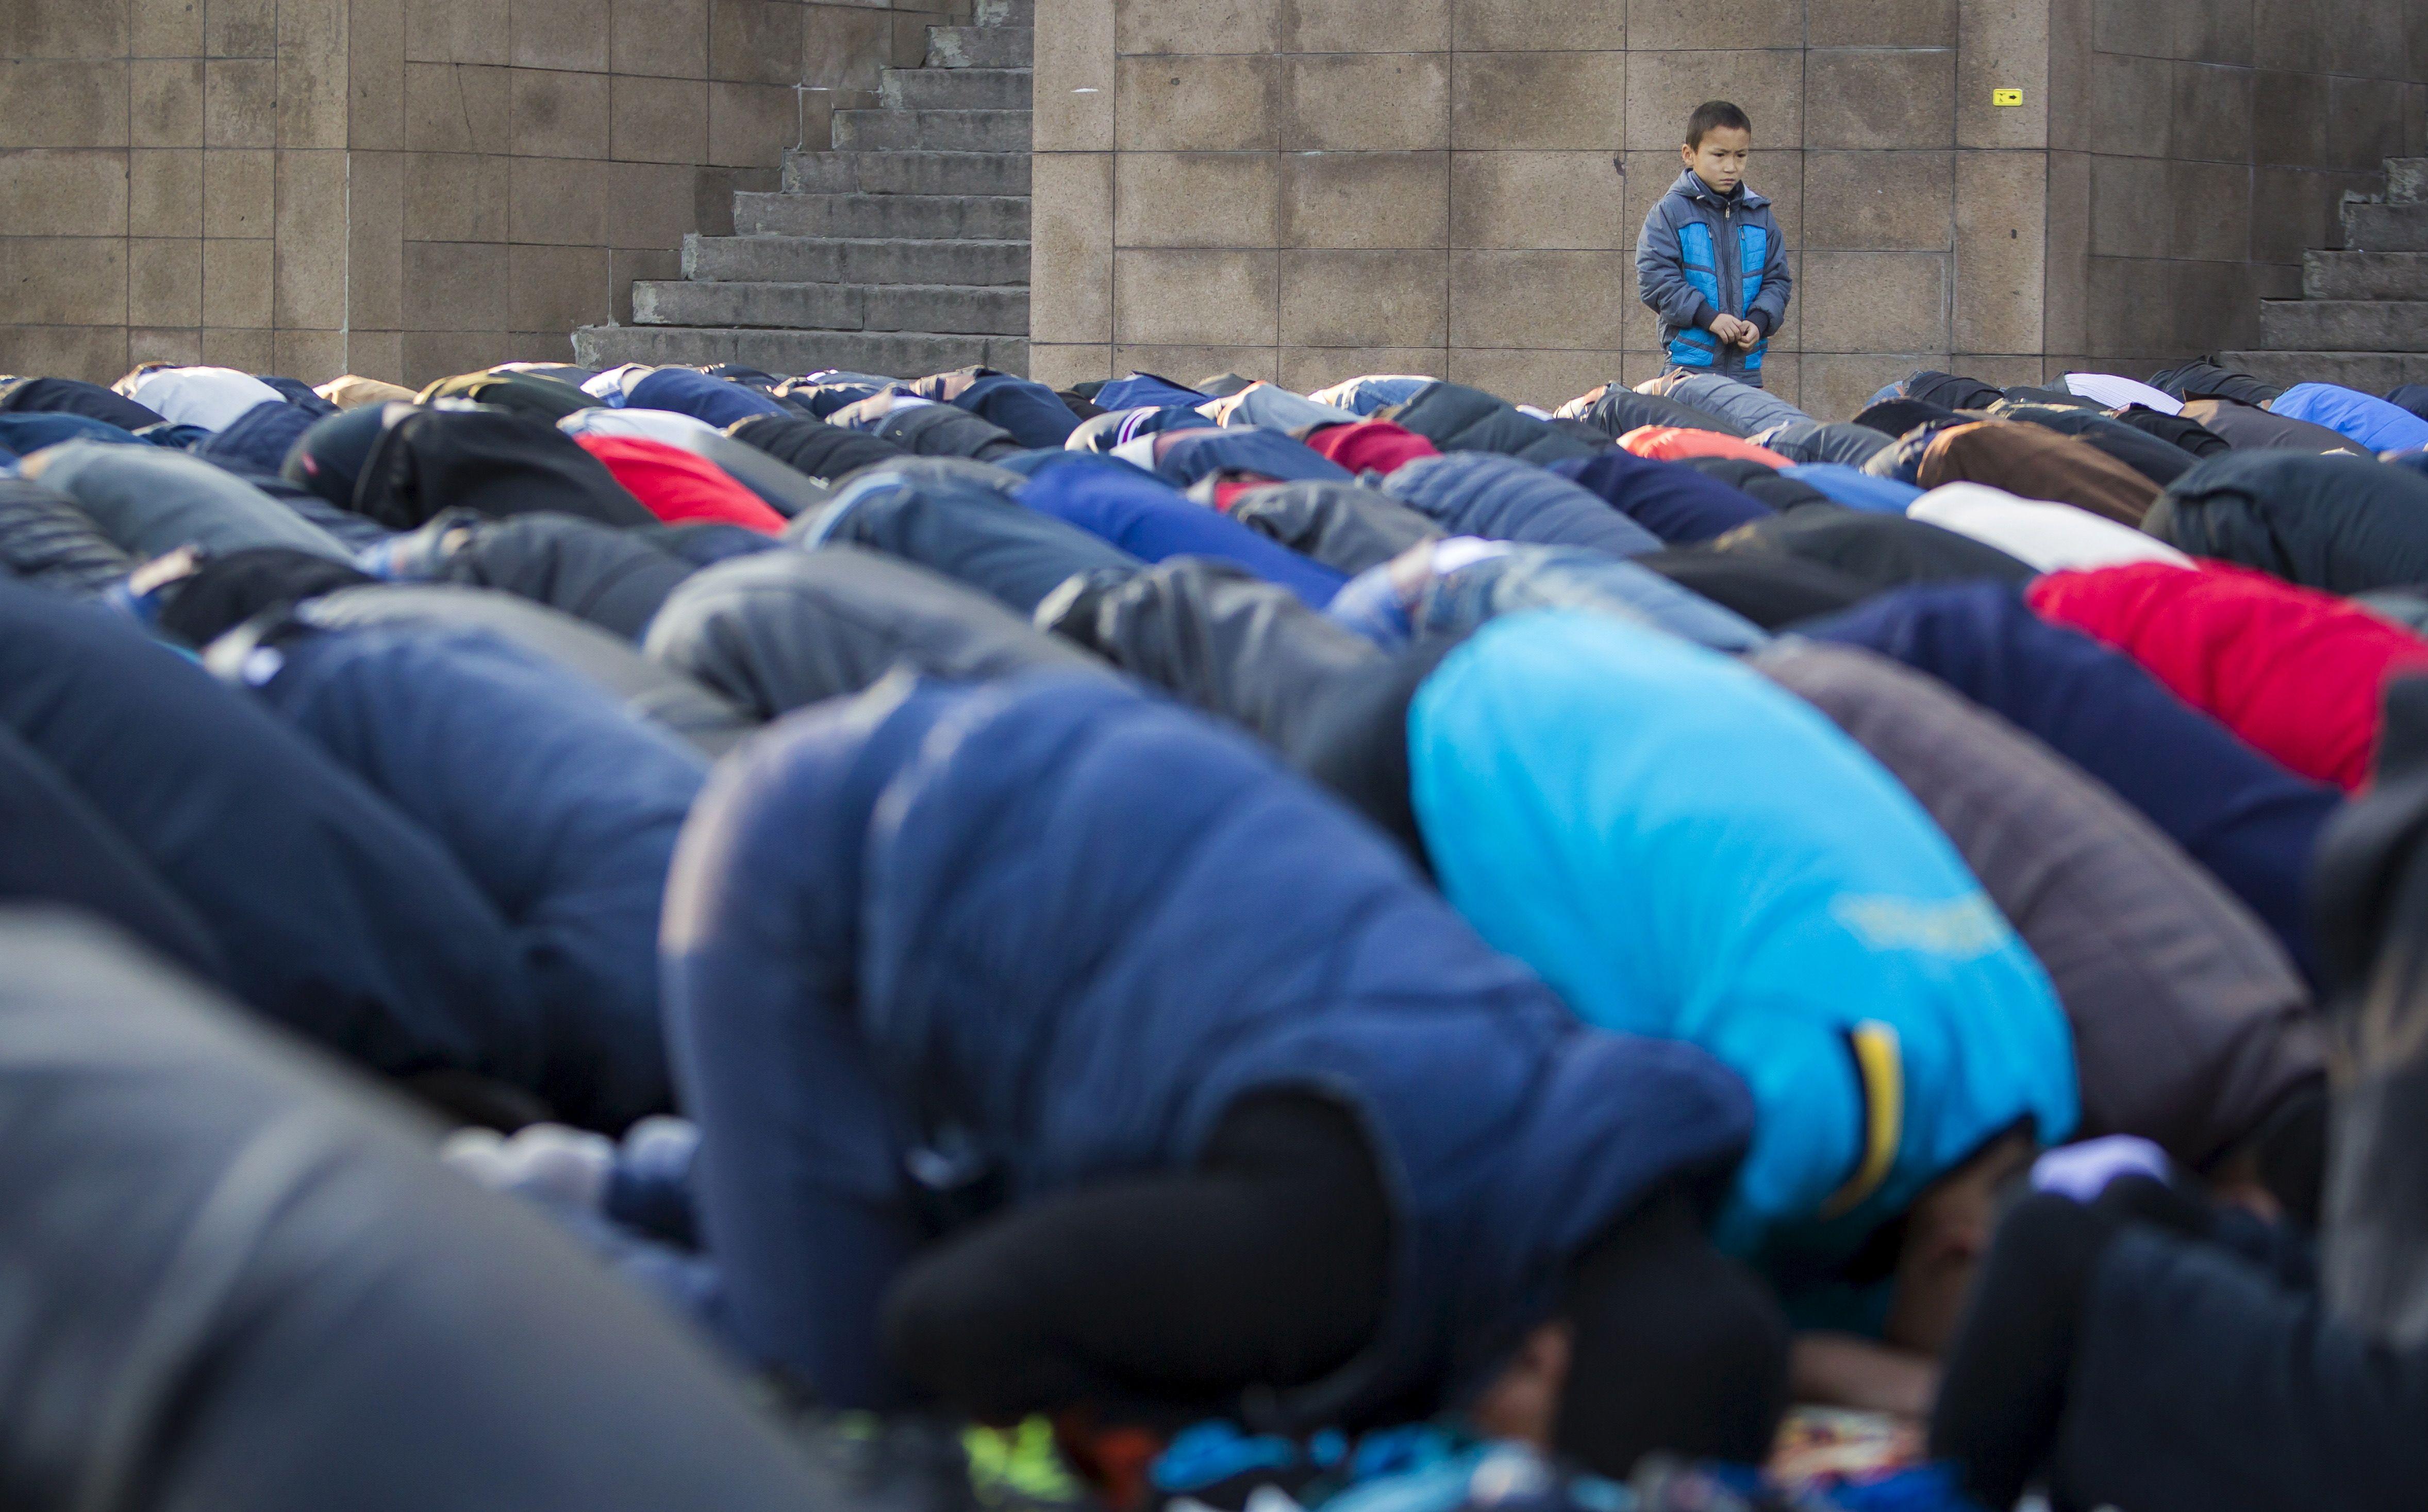 Le salafisme quiétiste n'est pas un islam modéré.